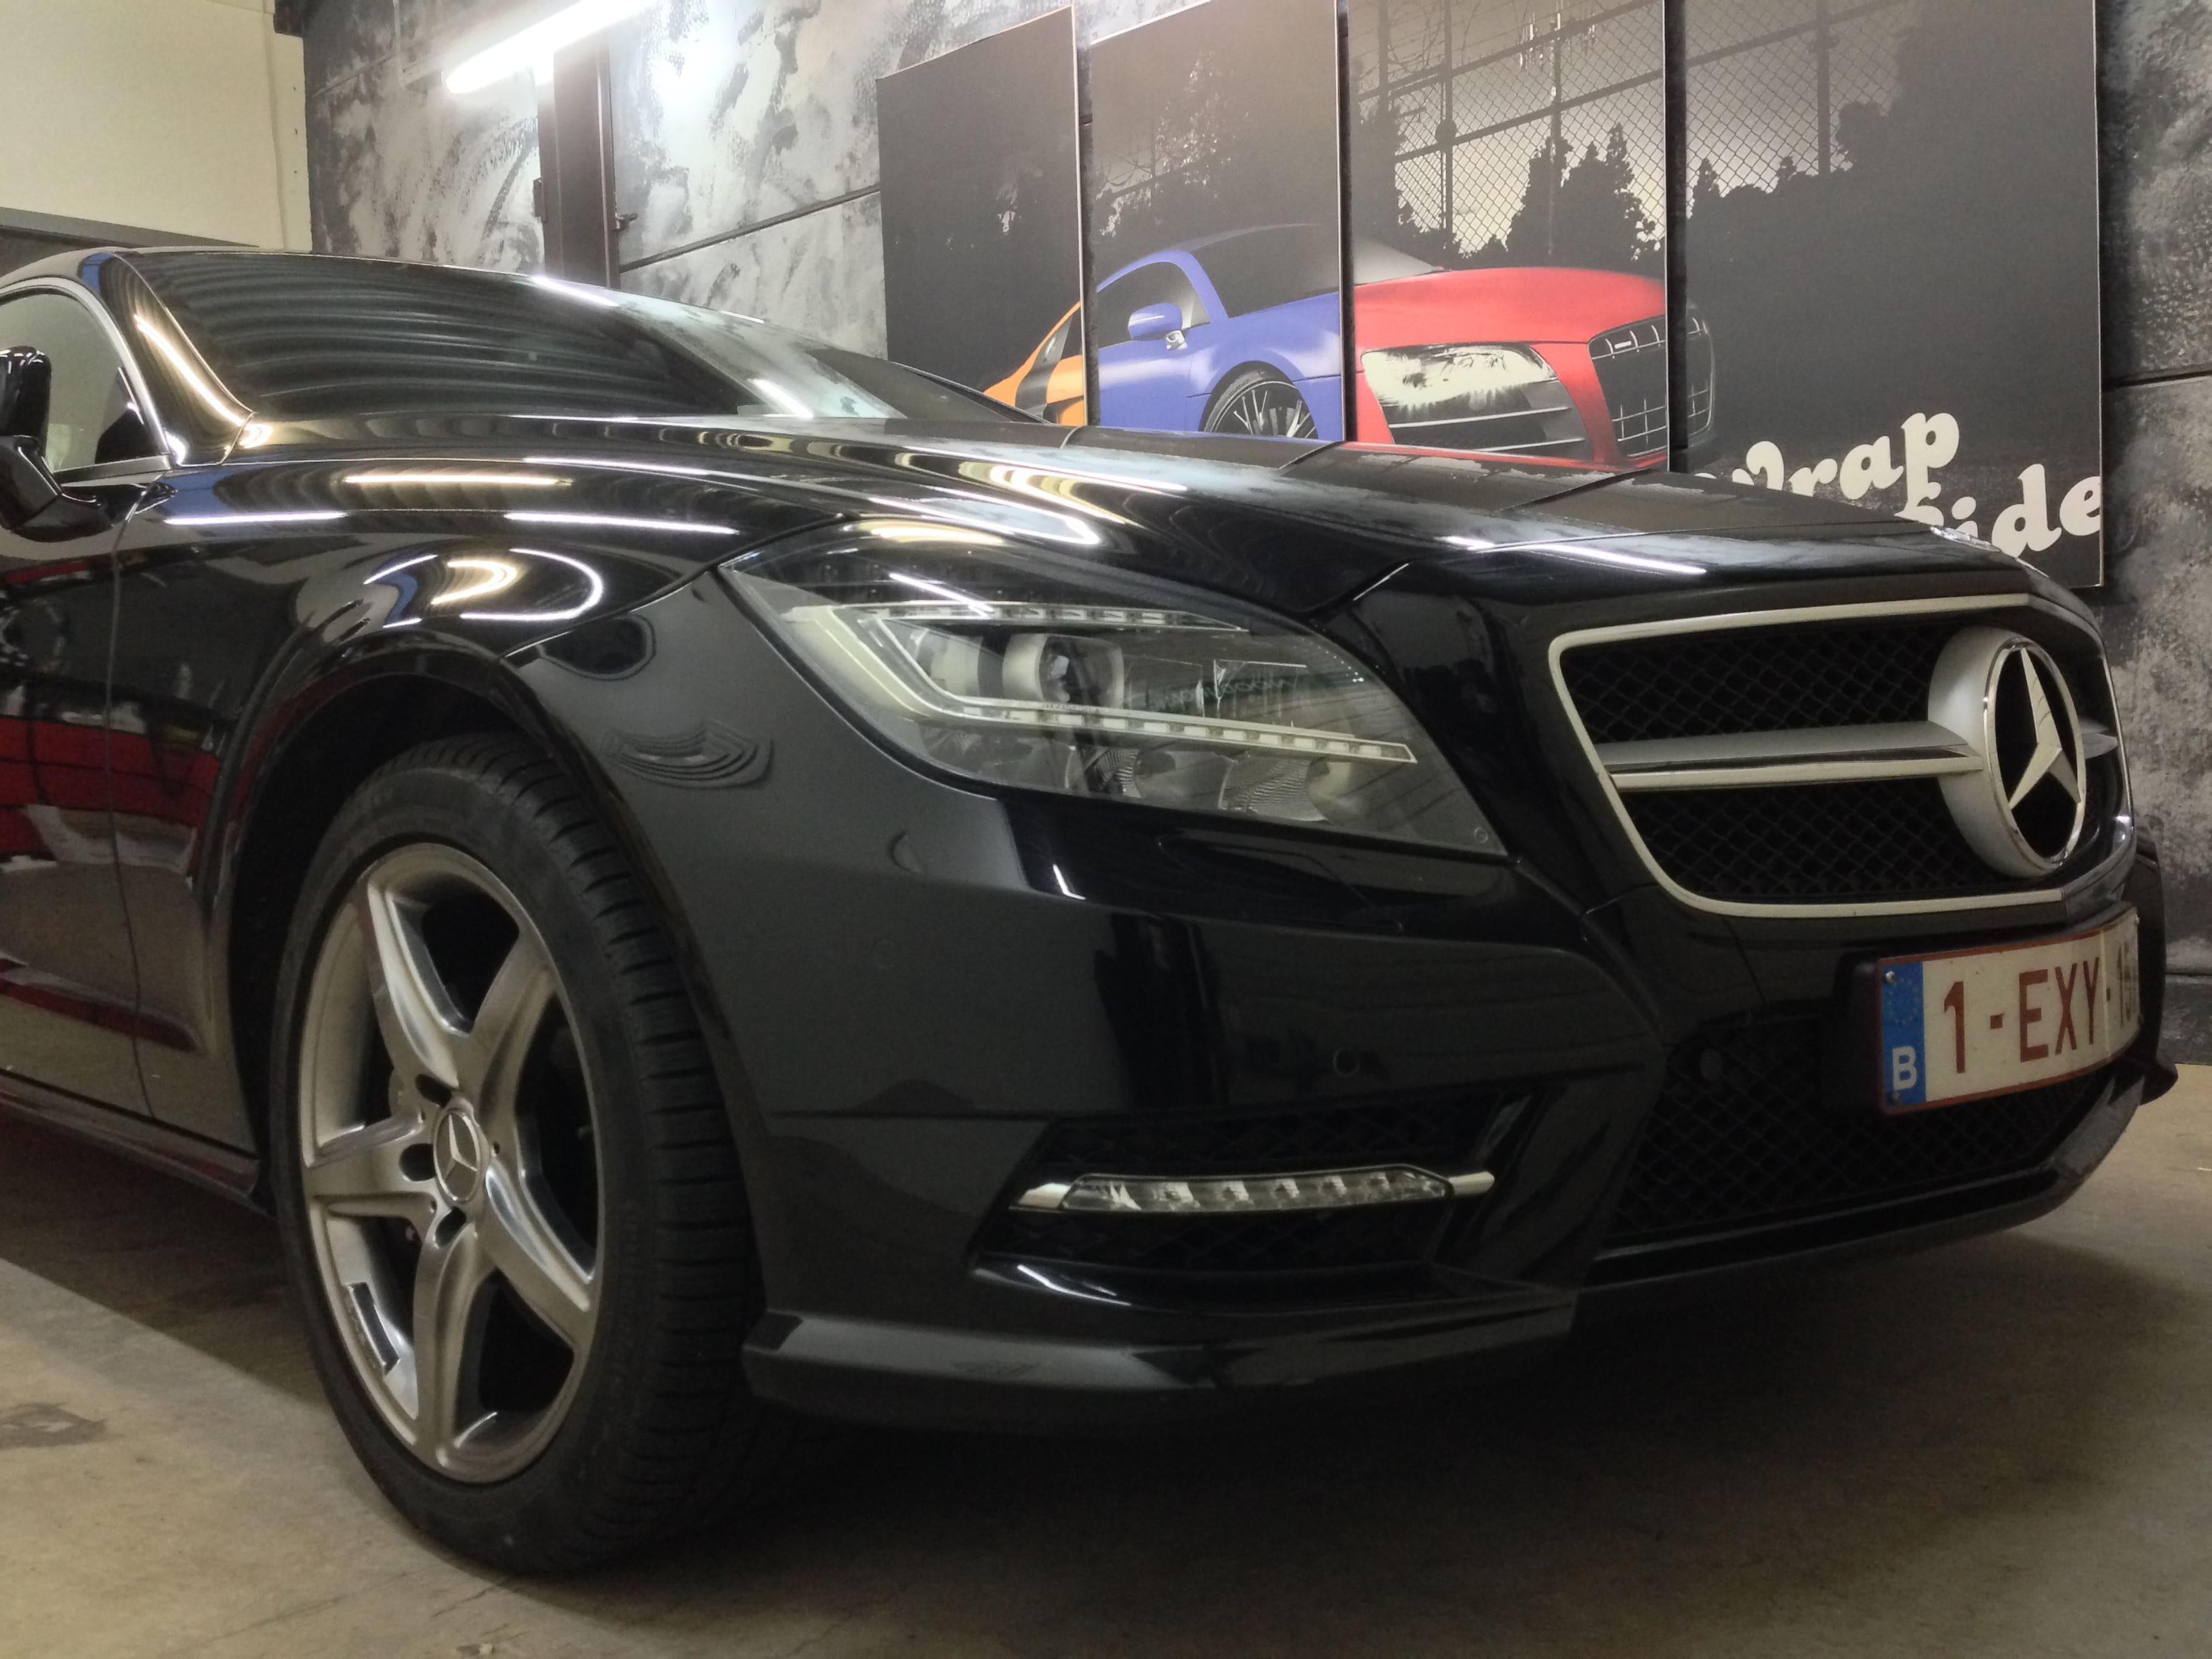 Mercedes CLS met White Satin Pearl Wrap, Carwrapping door Wrapmyride.nu Foto-nr:6173, ©2021